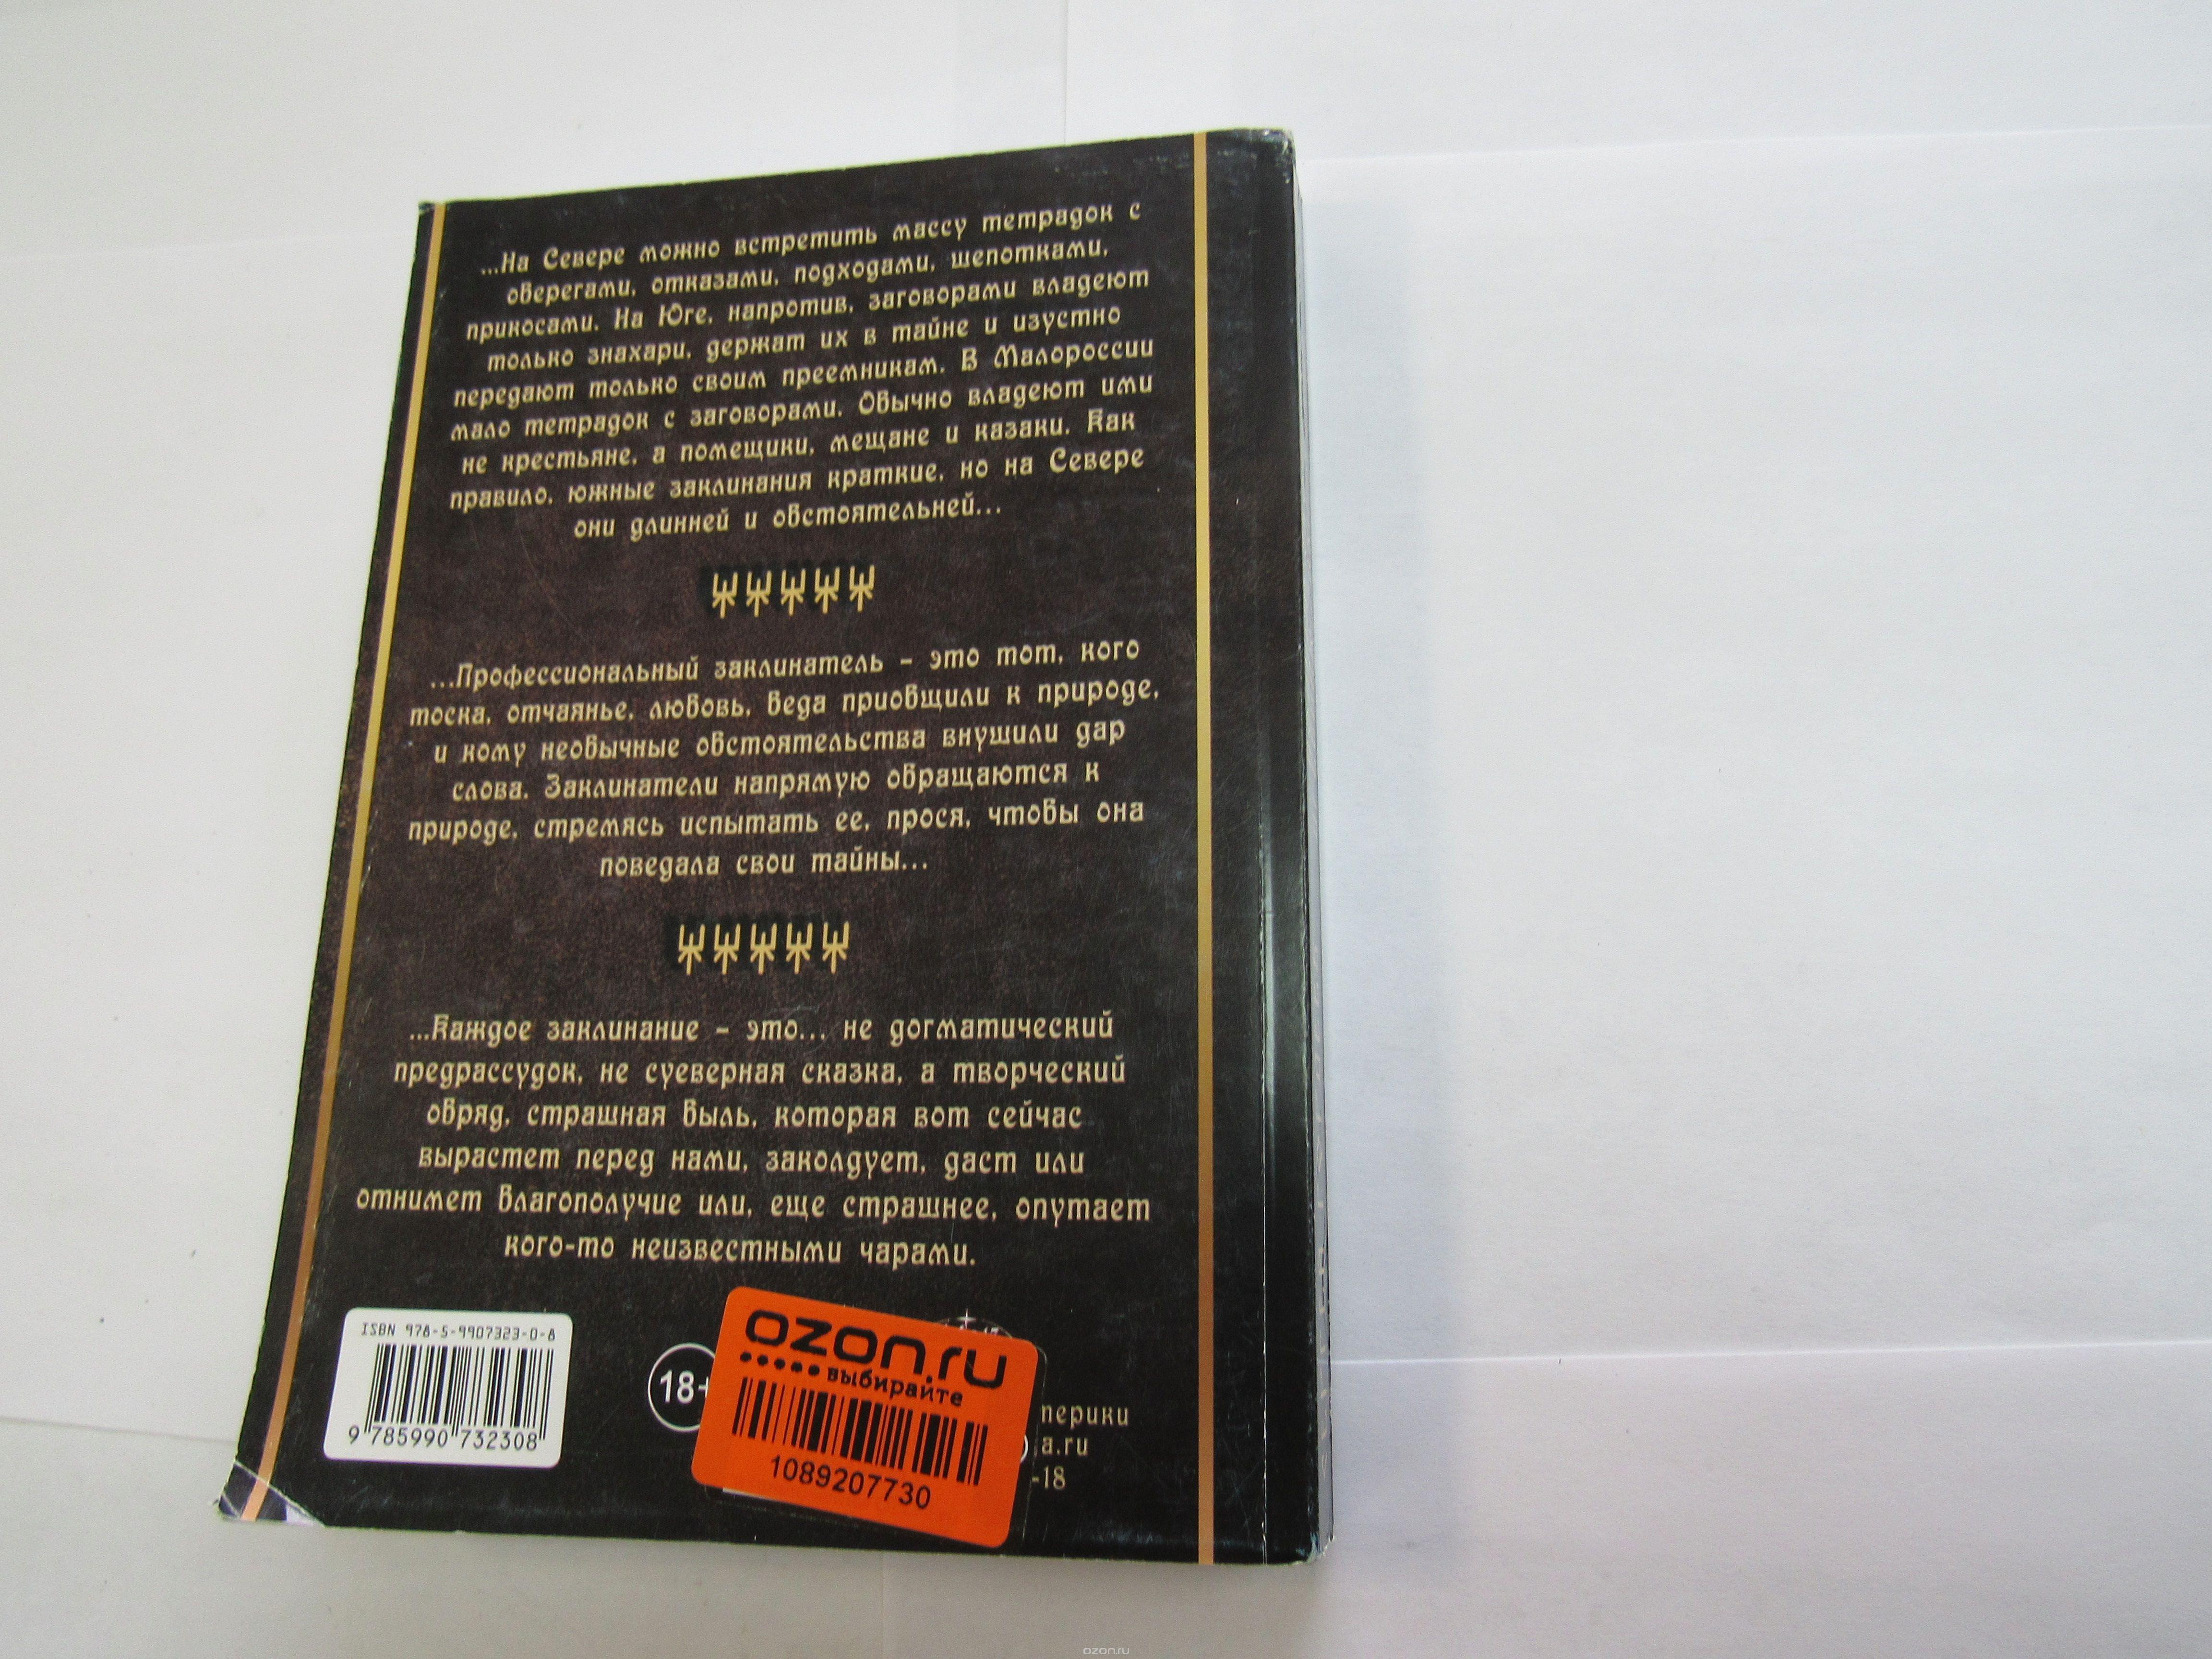 Сергей Гордеев: Полный сборник древних заклинаний Уцененный товар (№1)